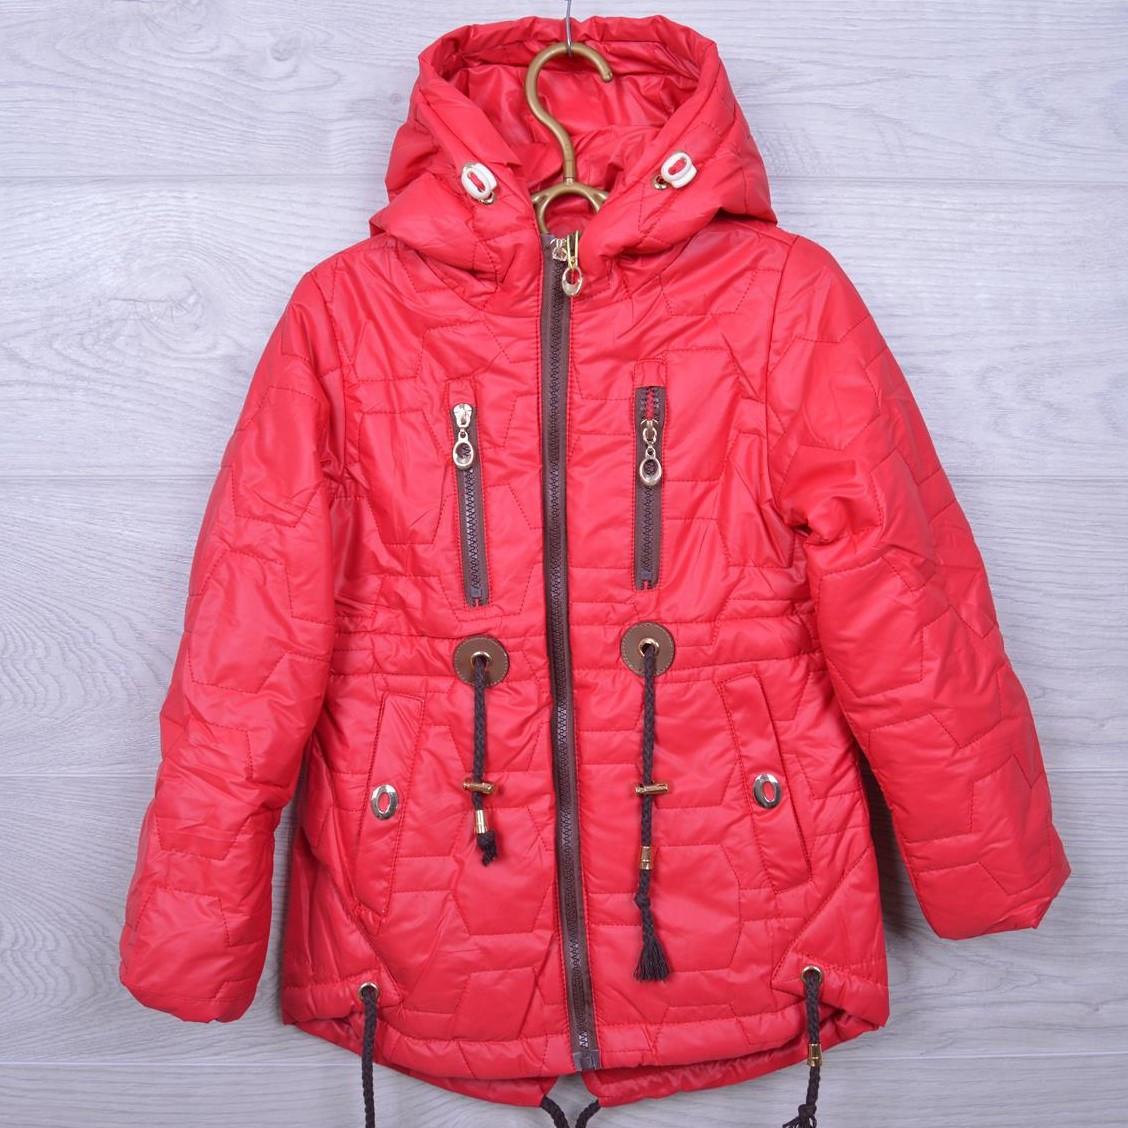 Куртка детская демисезонная Кузя #А-8 для девочек. 110-134 см. Красная. Оптом.